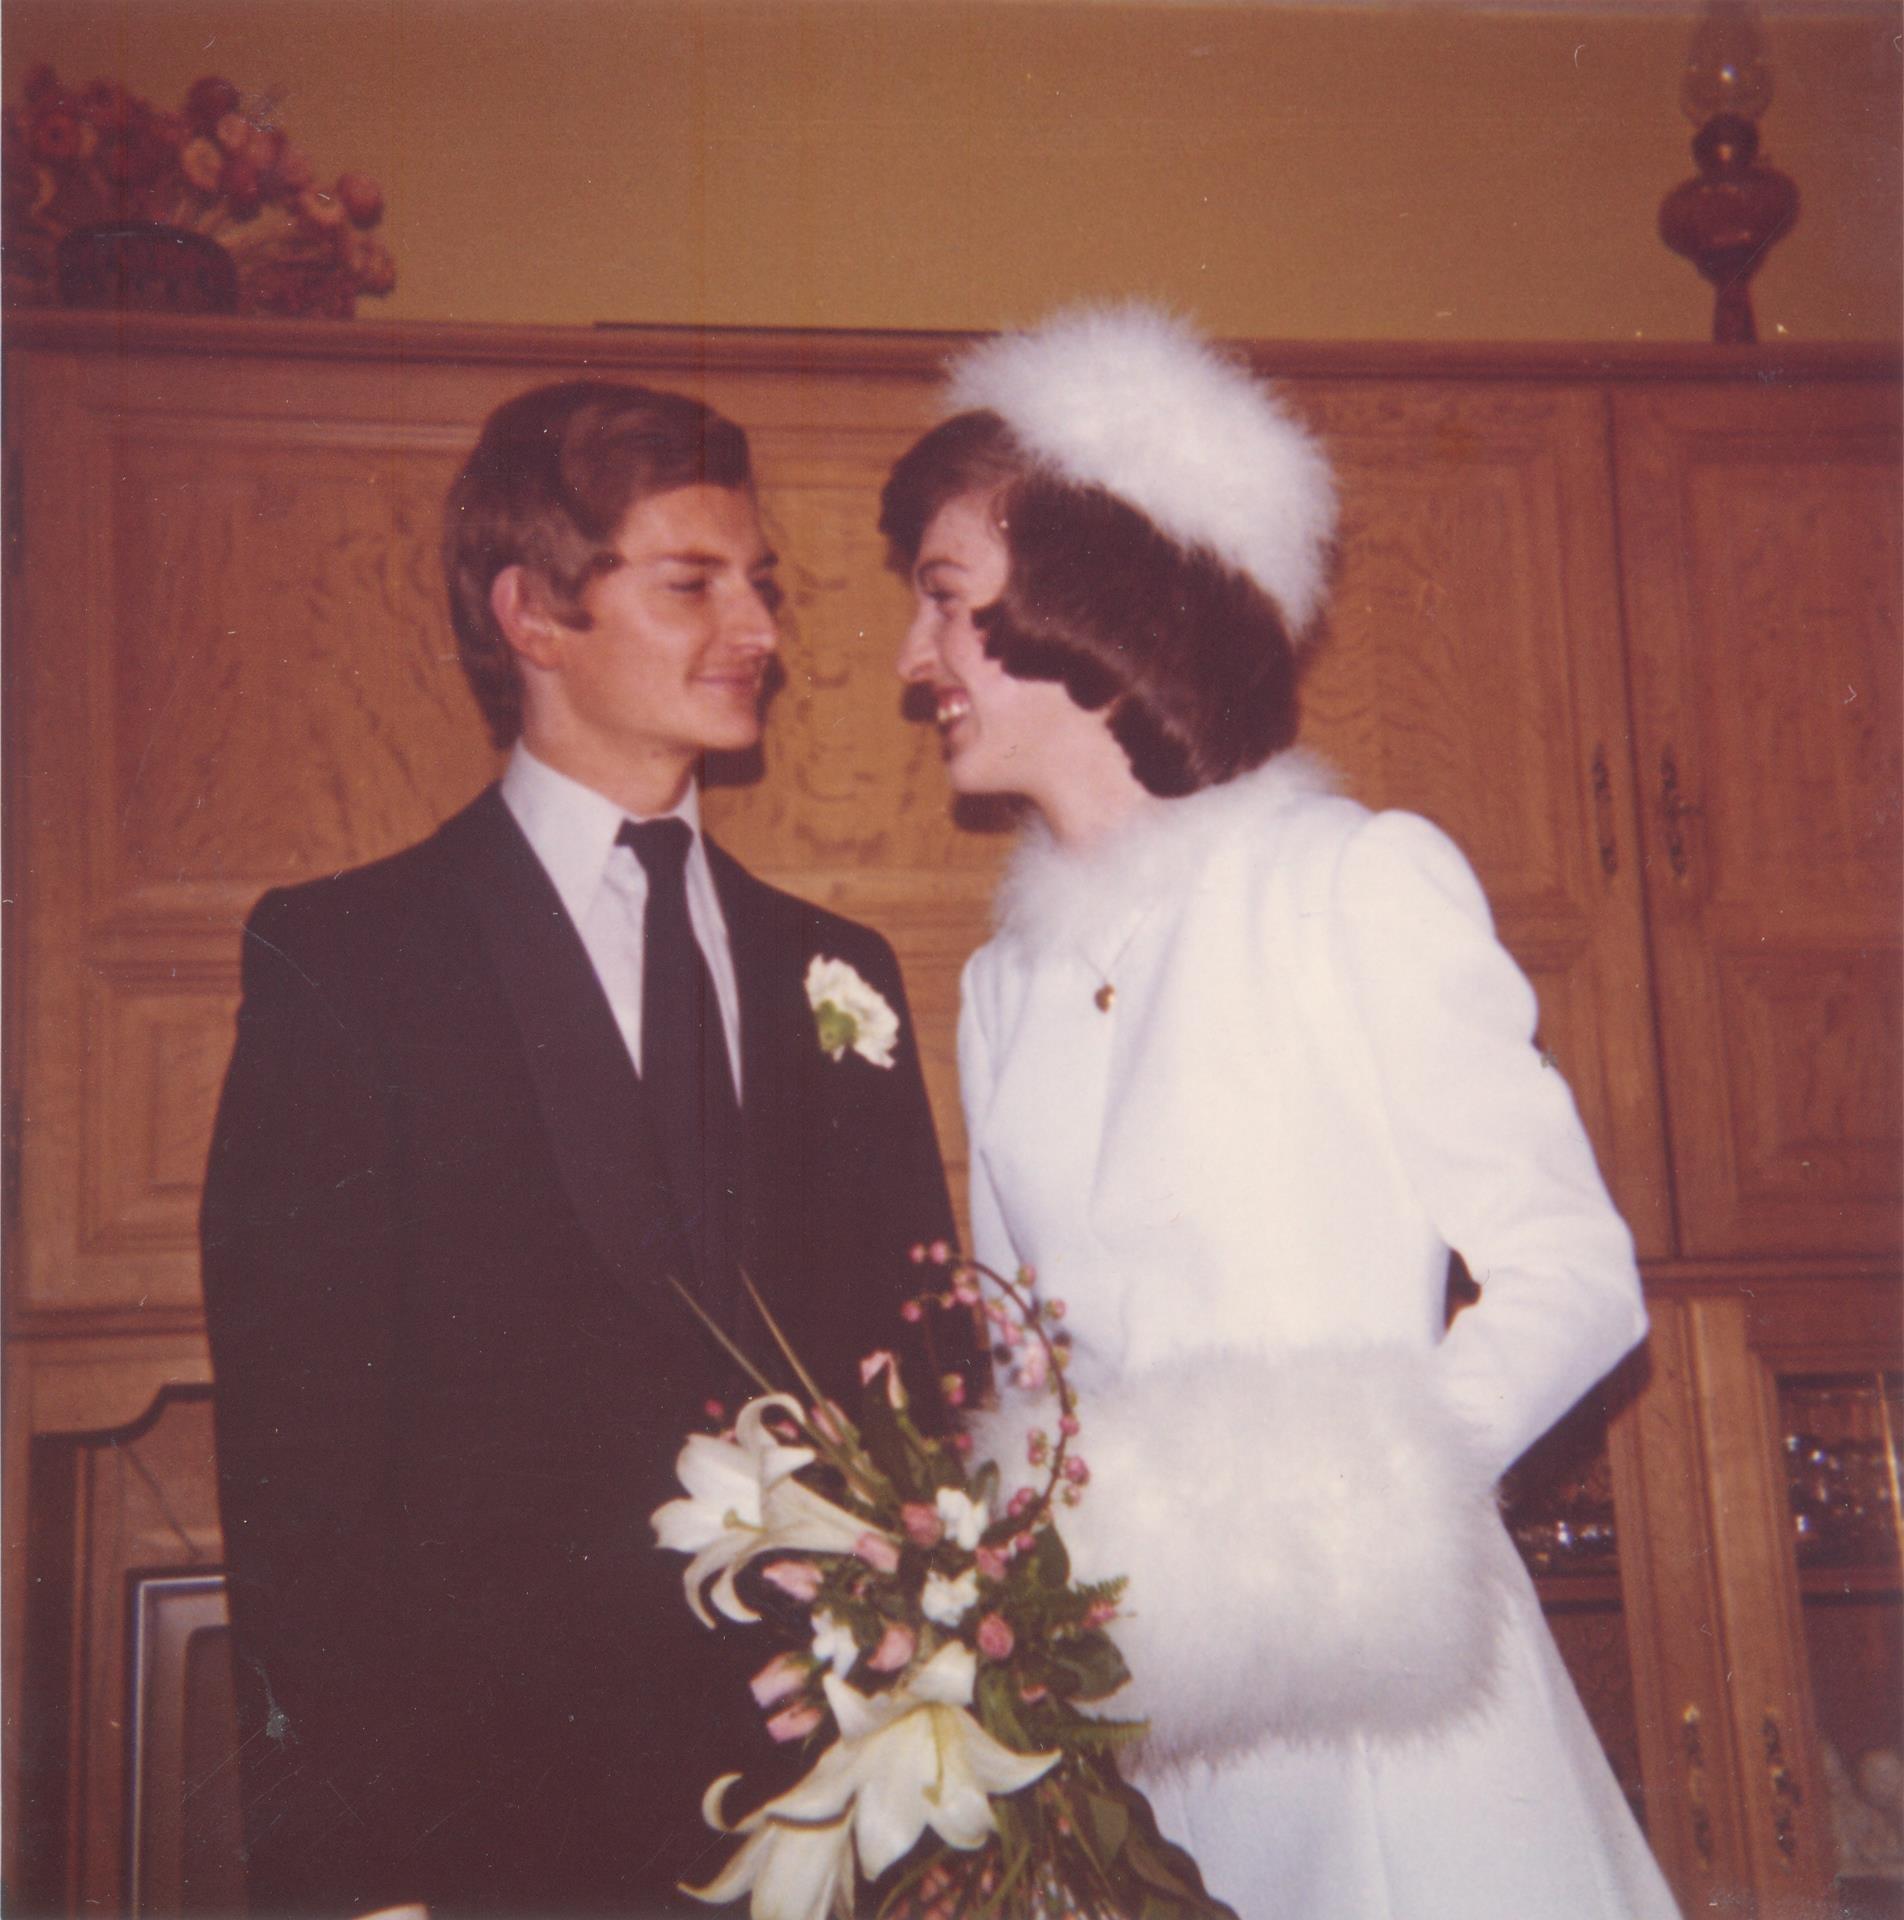 Julia en Guy 45 jaar geleden